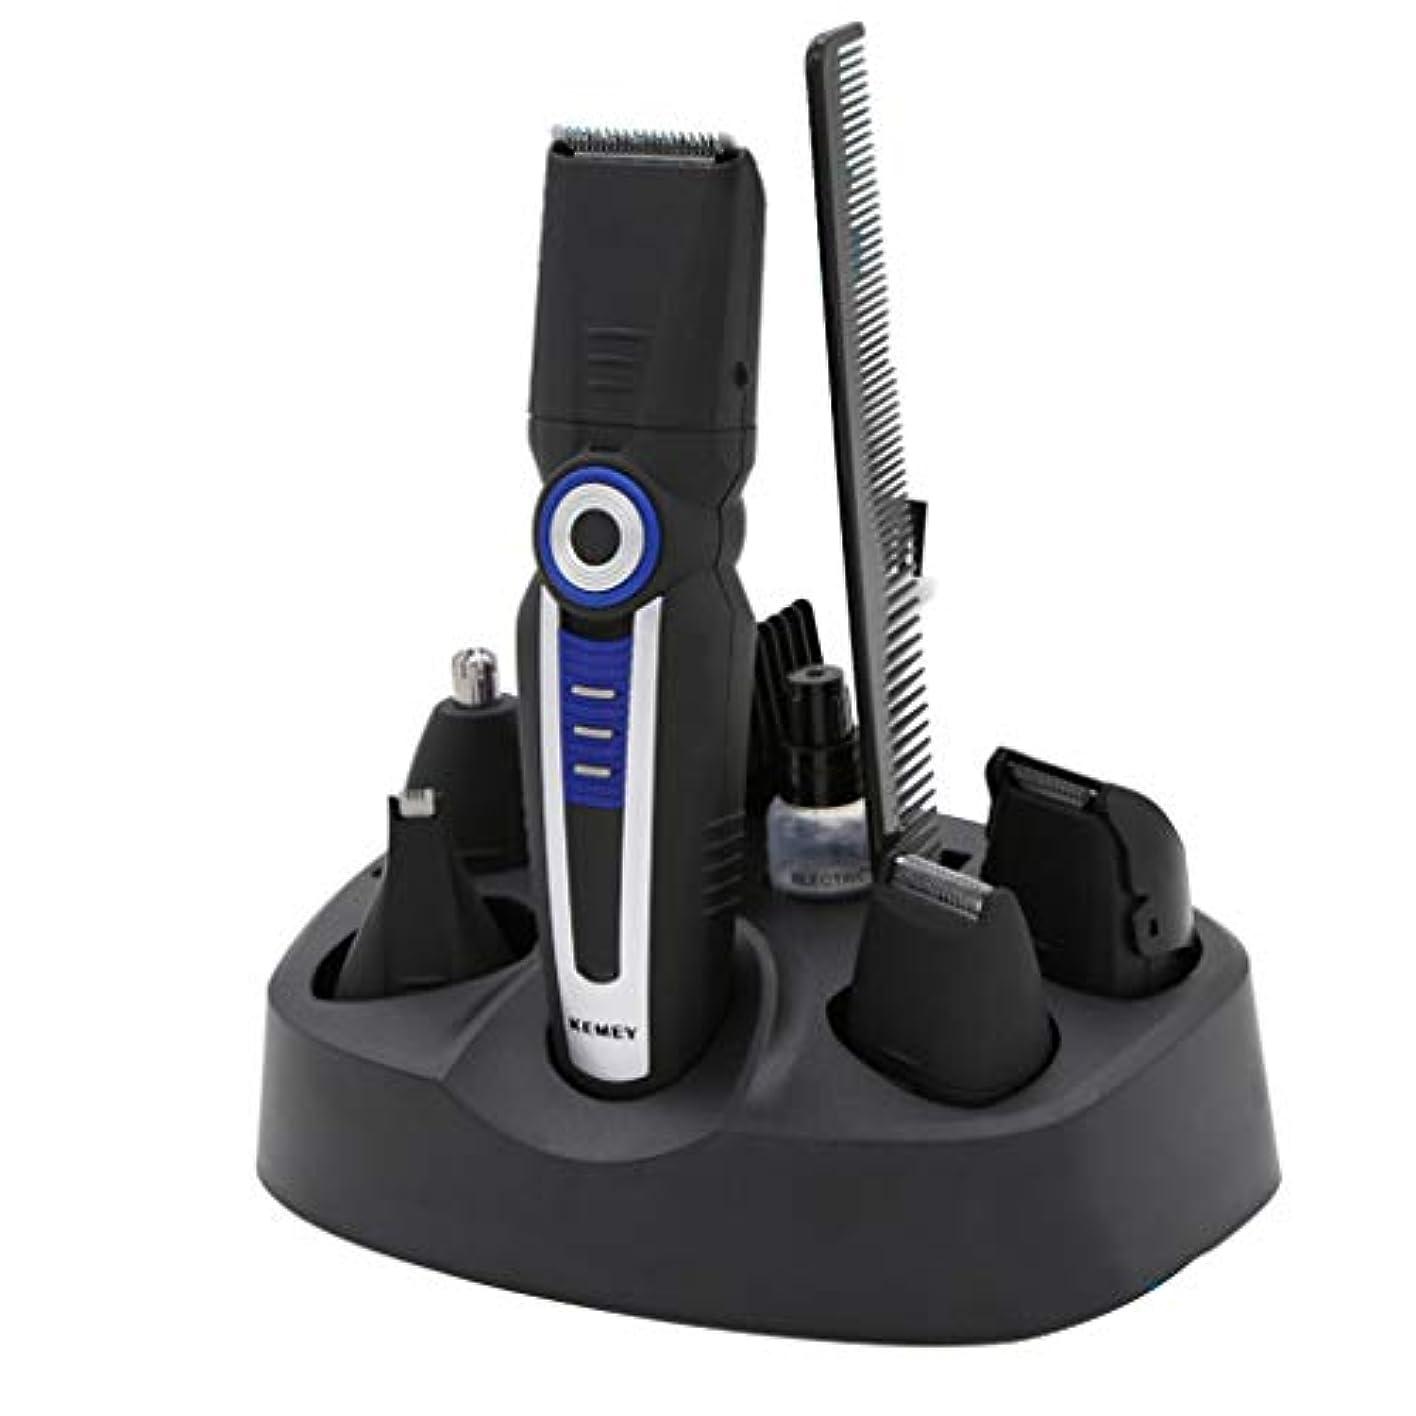 拷問鎖追い出す多機能プロフェッショナル電気バリカン、充電式バリカン、バリカン、鼻毛/ホーン/かみそり